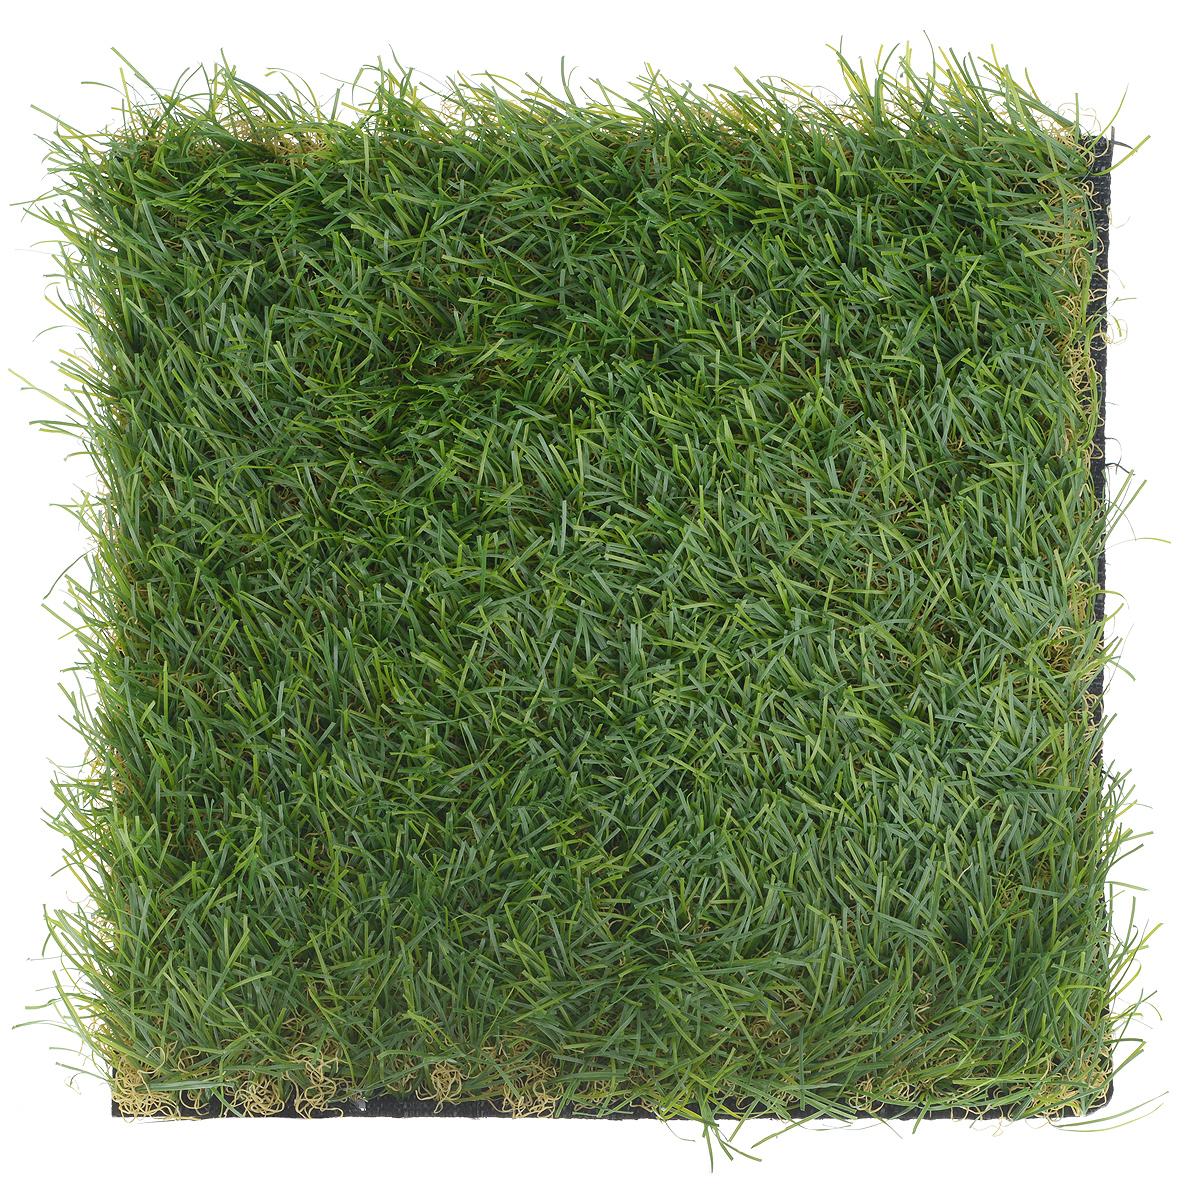 Трава искусственная для мини-сада Bloom`its, 25 см х 25 см892997Искусственная трава Bloom`its поможет создать свой собственный мини-сад. Заниматься ландшафтным дизайном и декором теперь можно, даже если у вас нет своего загородного дома, причем не выходя из дома. Устройте себе удовольствие садовода, собирая миниатюрные фигурки и составляя из них различные композиции. Объедините миниатюрные изделия в емкости (керамический горшок, корзина, деревянный ящик или стеклянная посуда) и добавьте мини-растения. Это не только поможет увлекательно провести время, раскрывая ваше воображение и фантазию, результат работы станет стильным и необычным украшением интерьера.